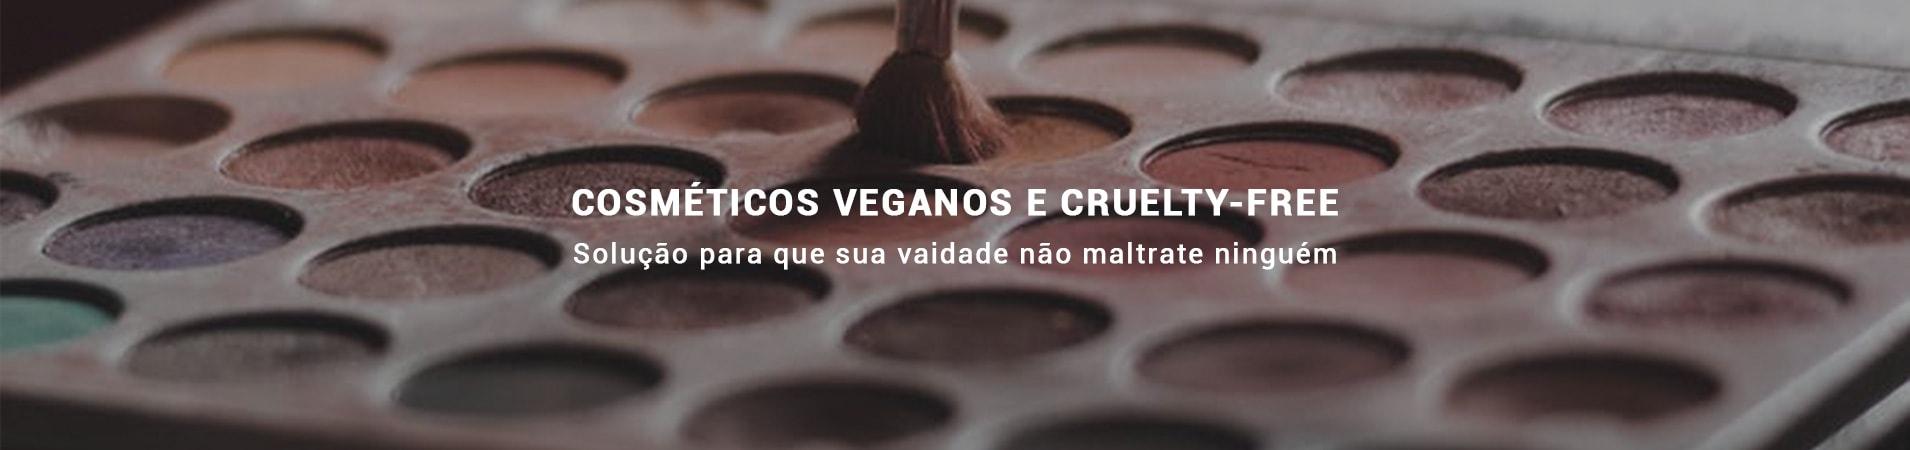 Cosméticos Veganos